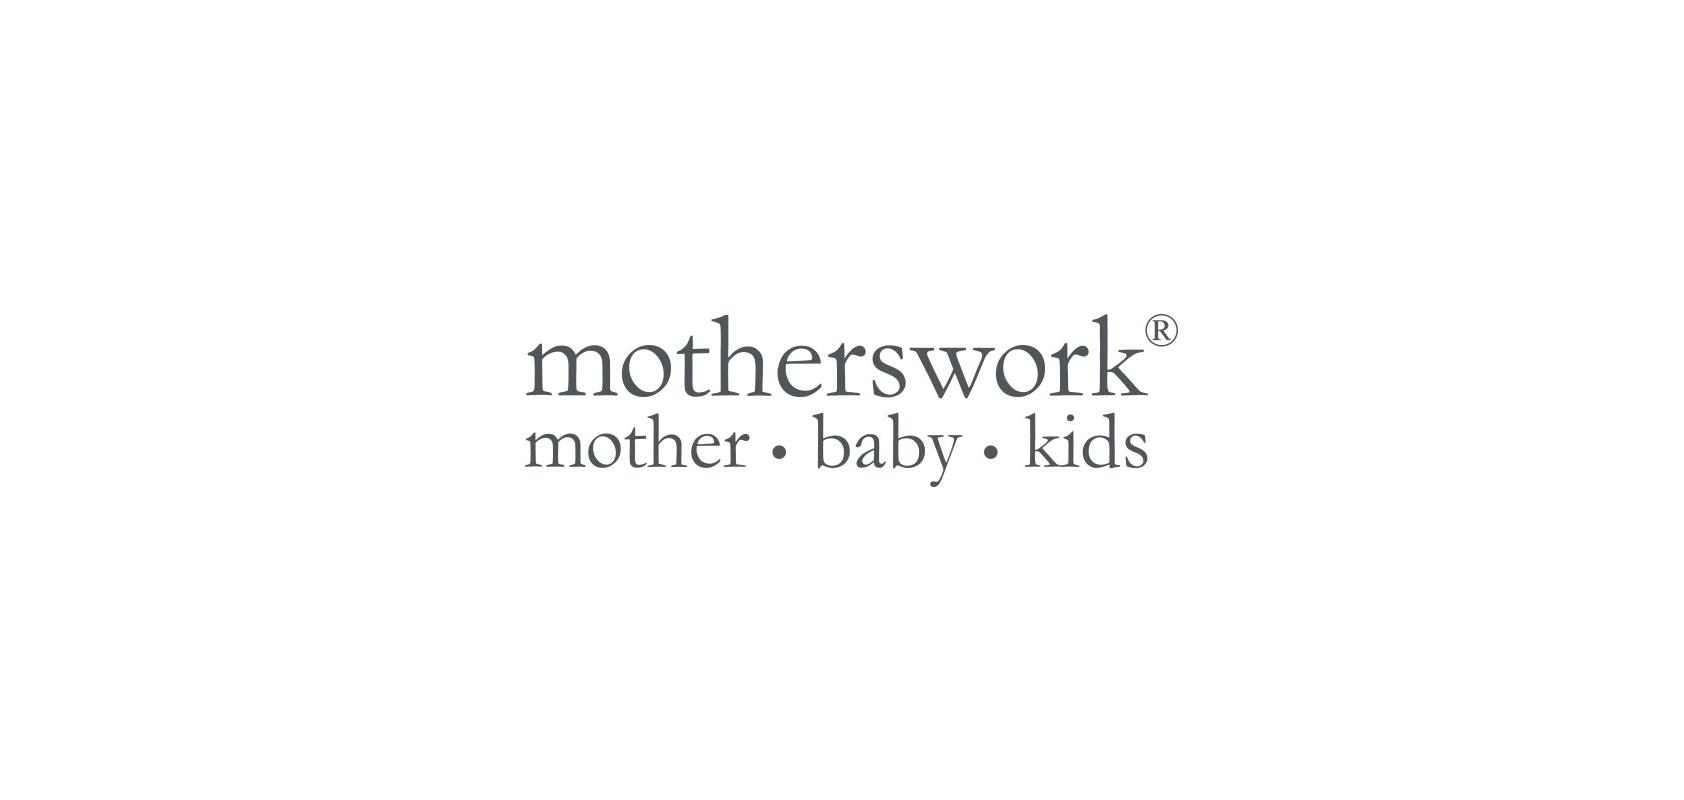 motherswork防水防晒喷雾